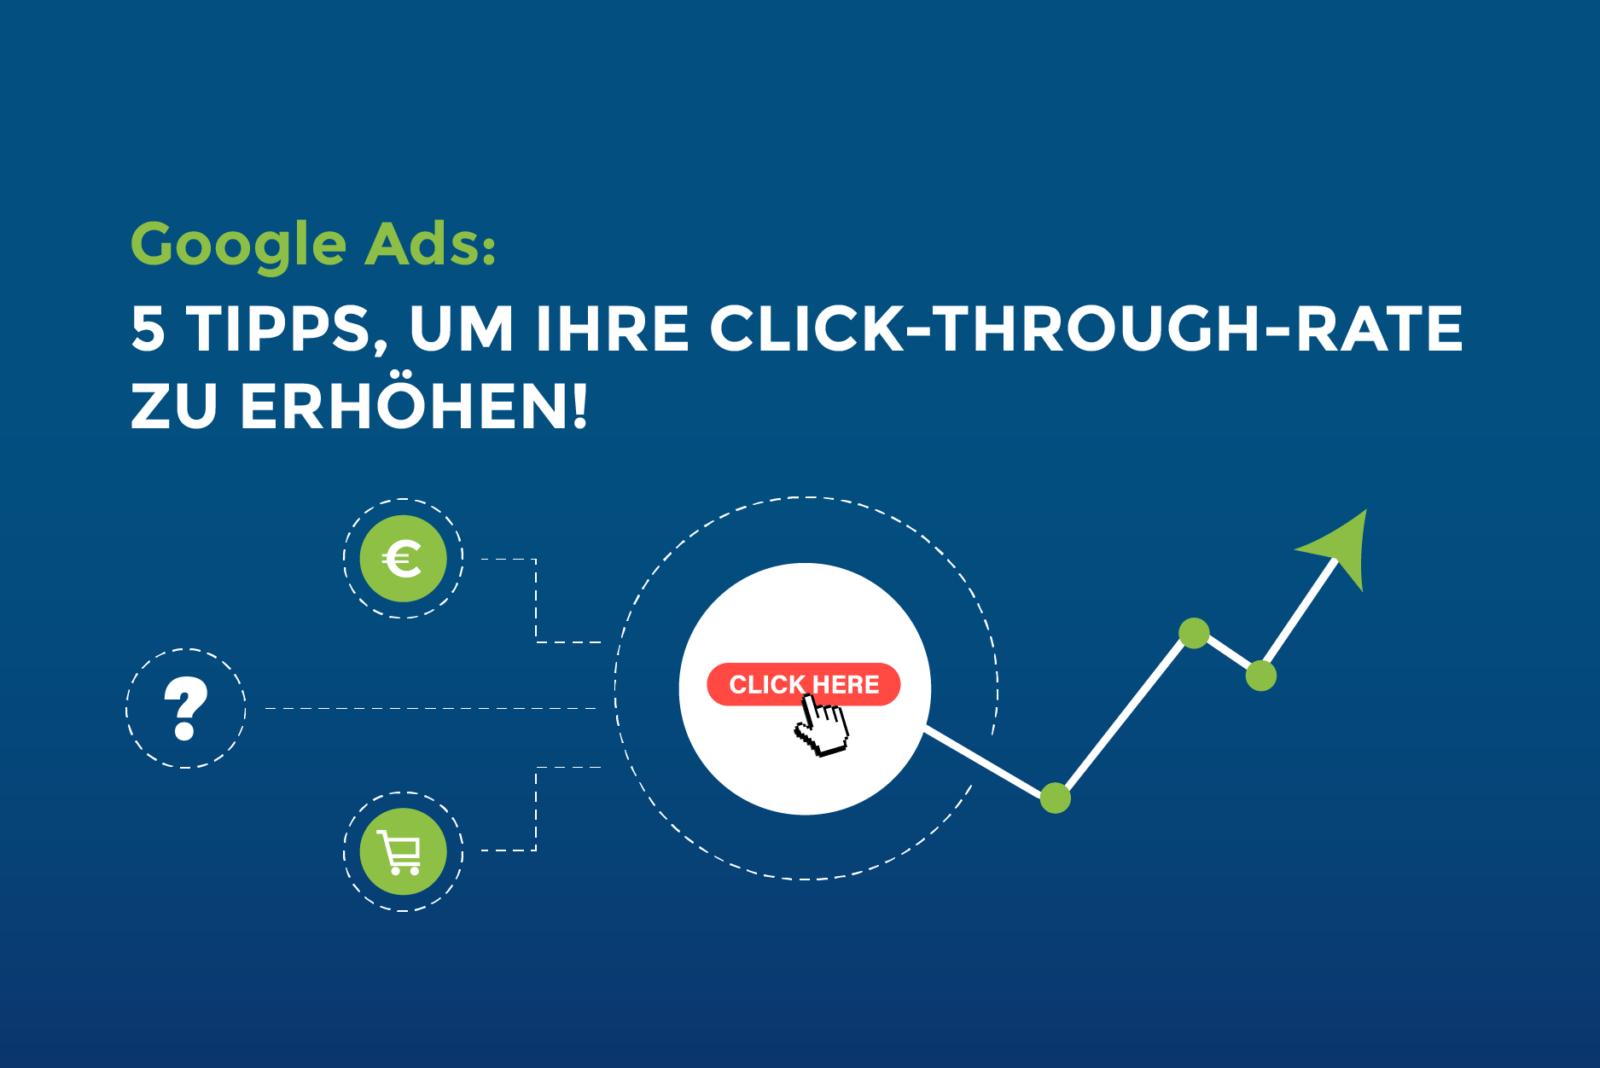 5 Tipps, um Ihre Click-Through-Rate zu erhöhen